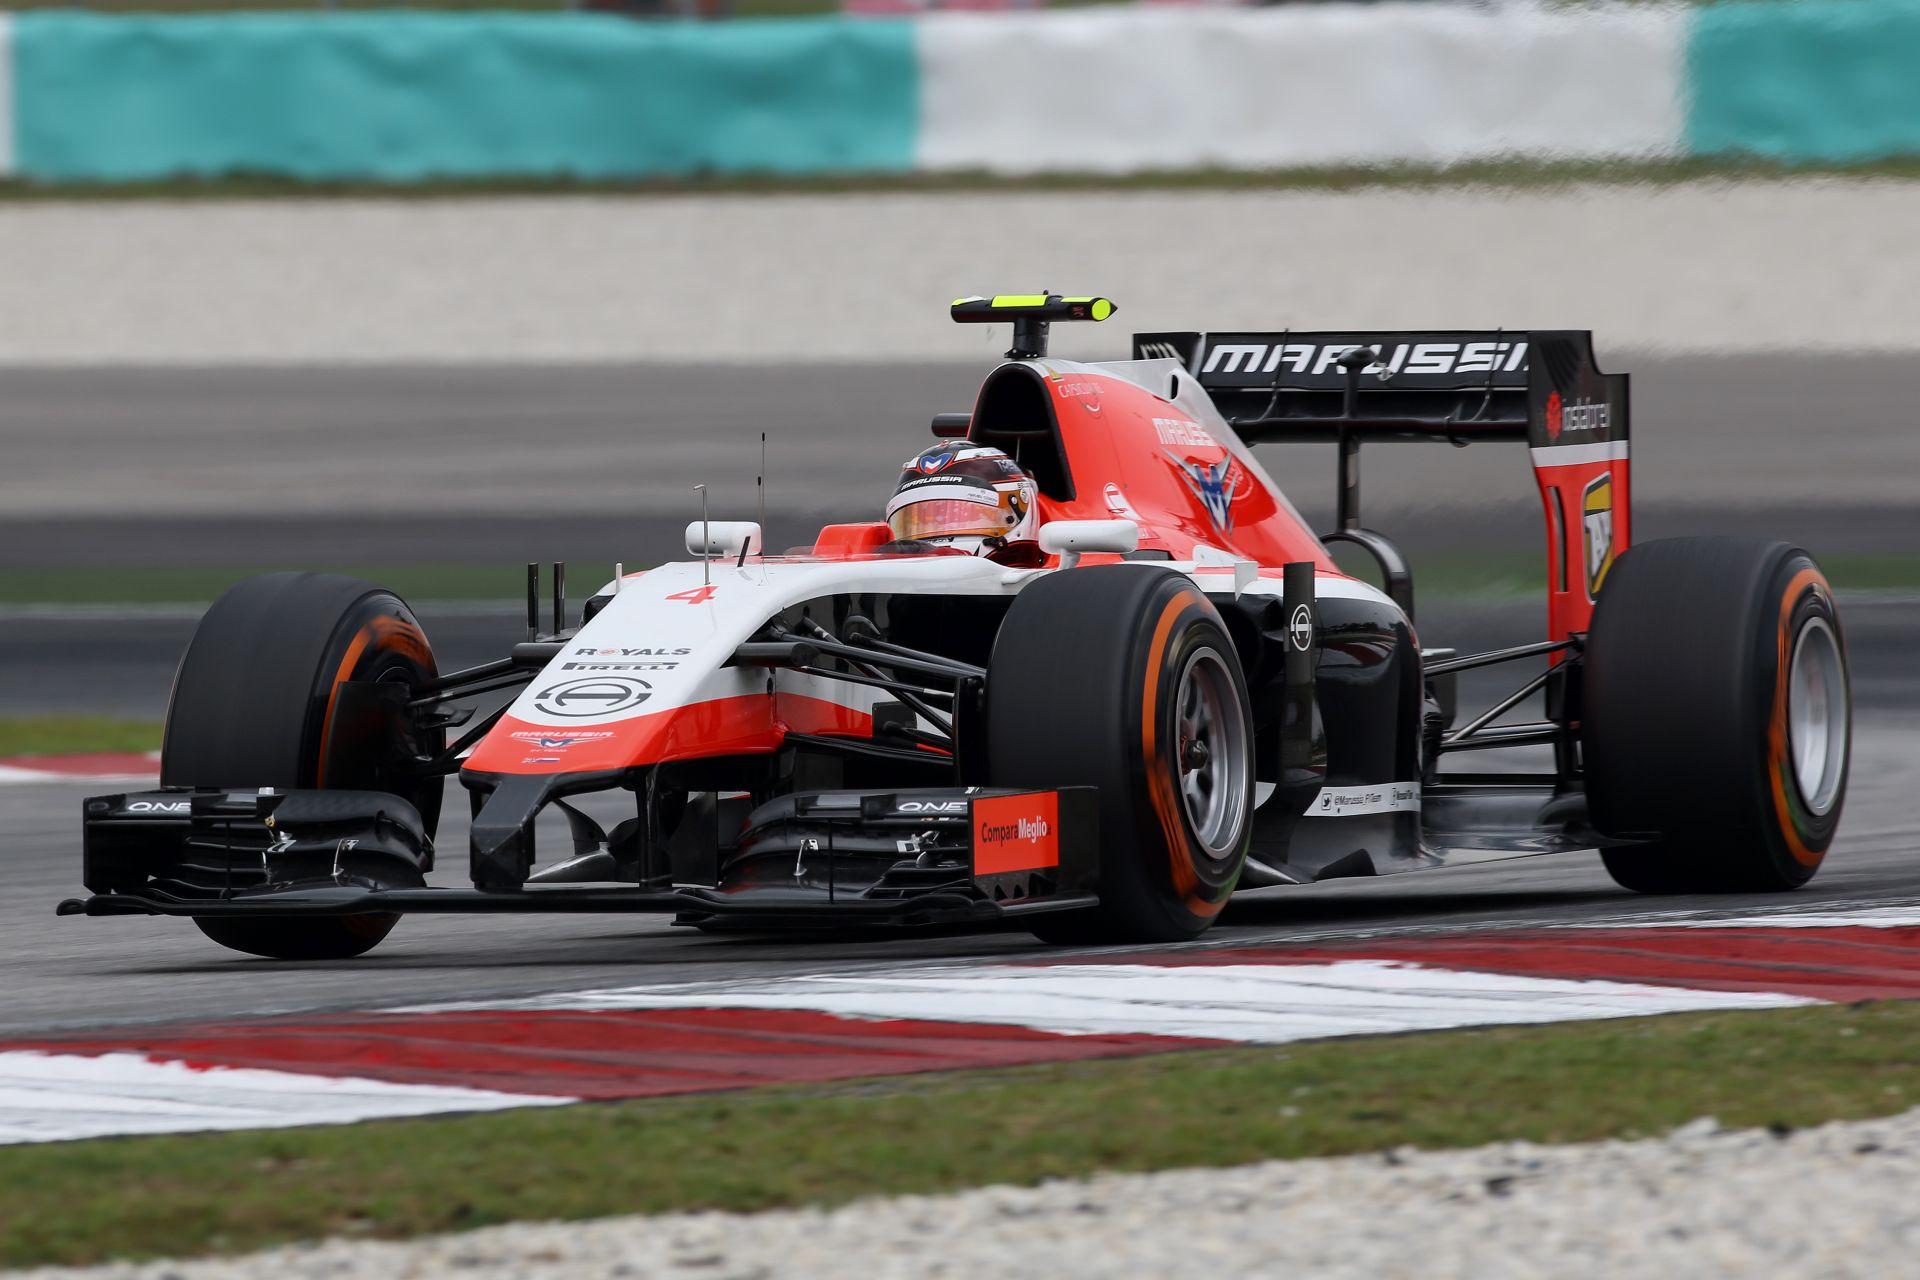 Tömegesen hagyják el a Marussiát, de az F1-es csapat érintetlen marad